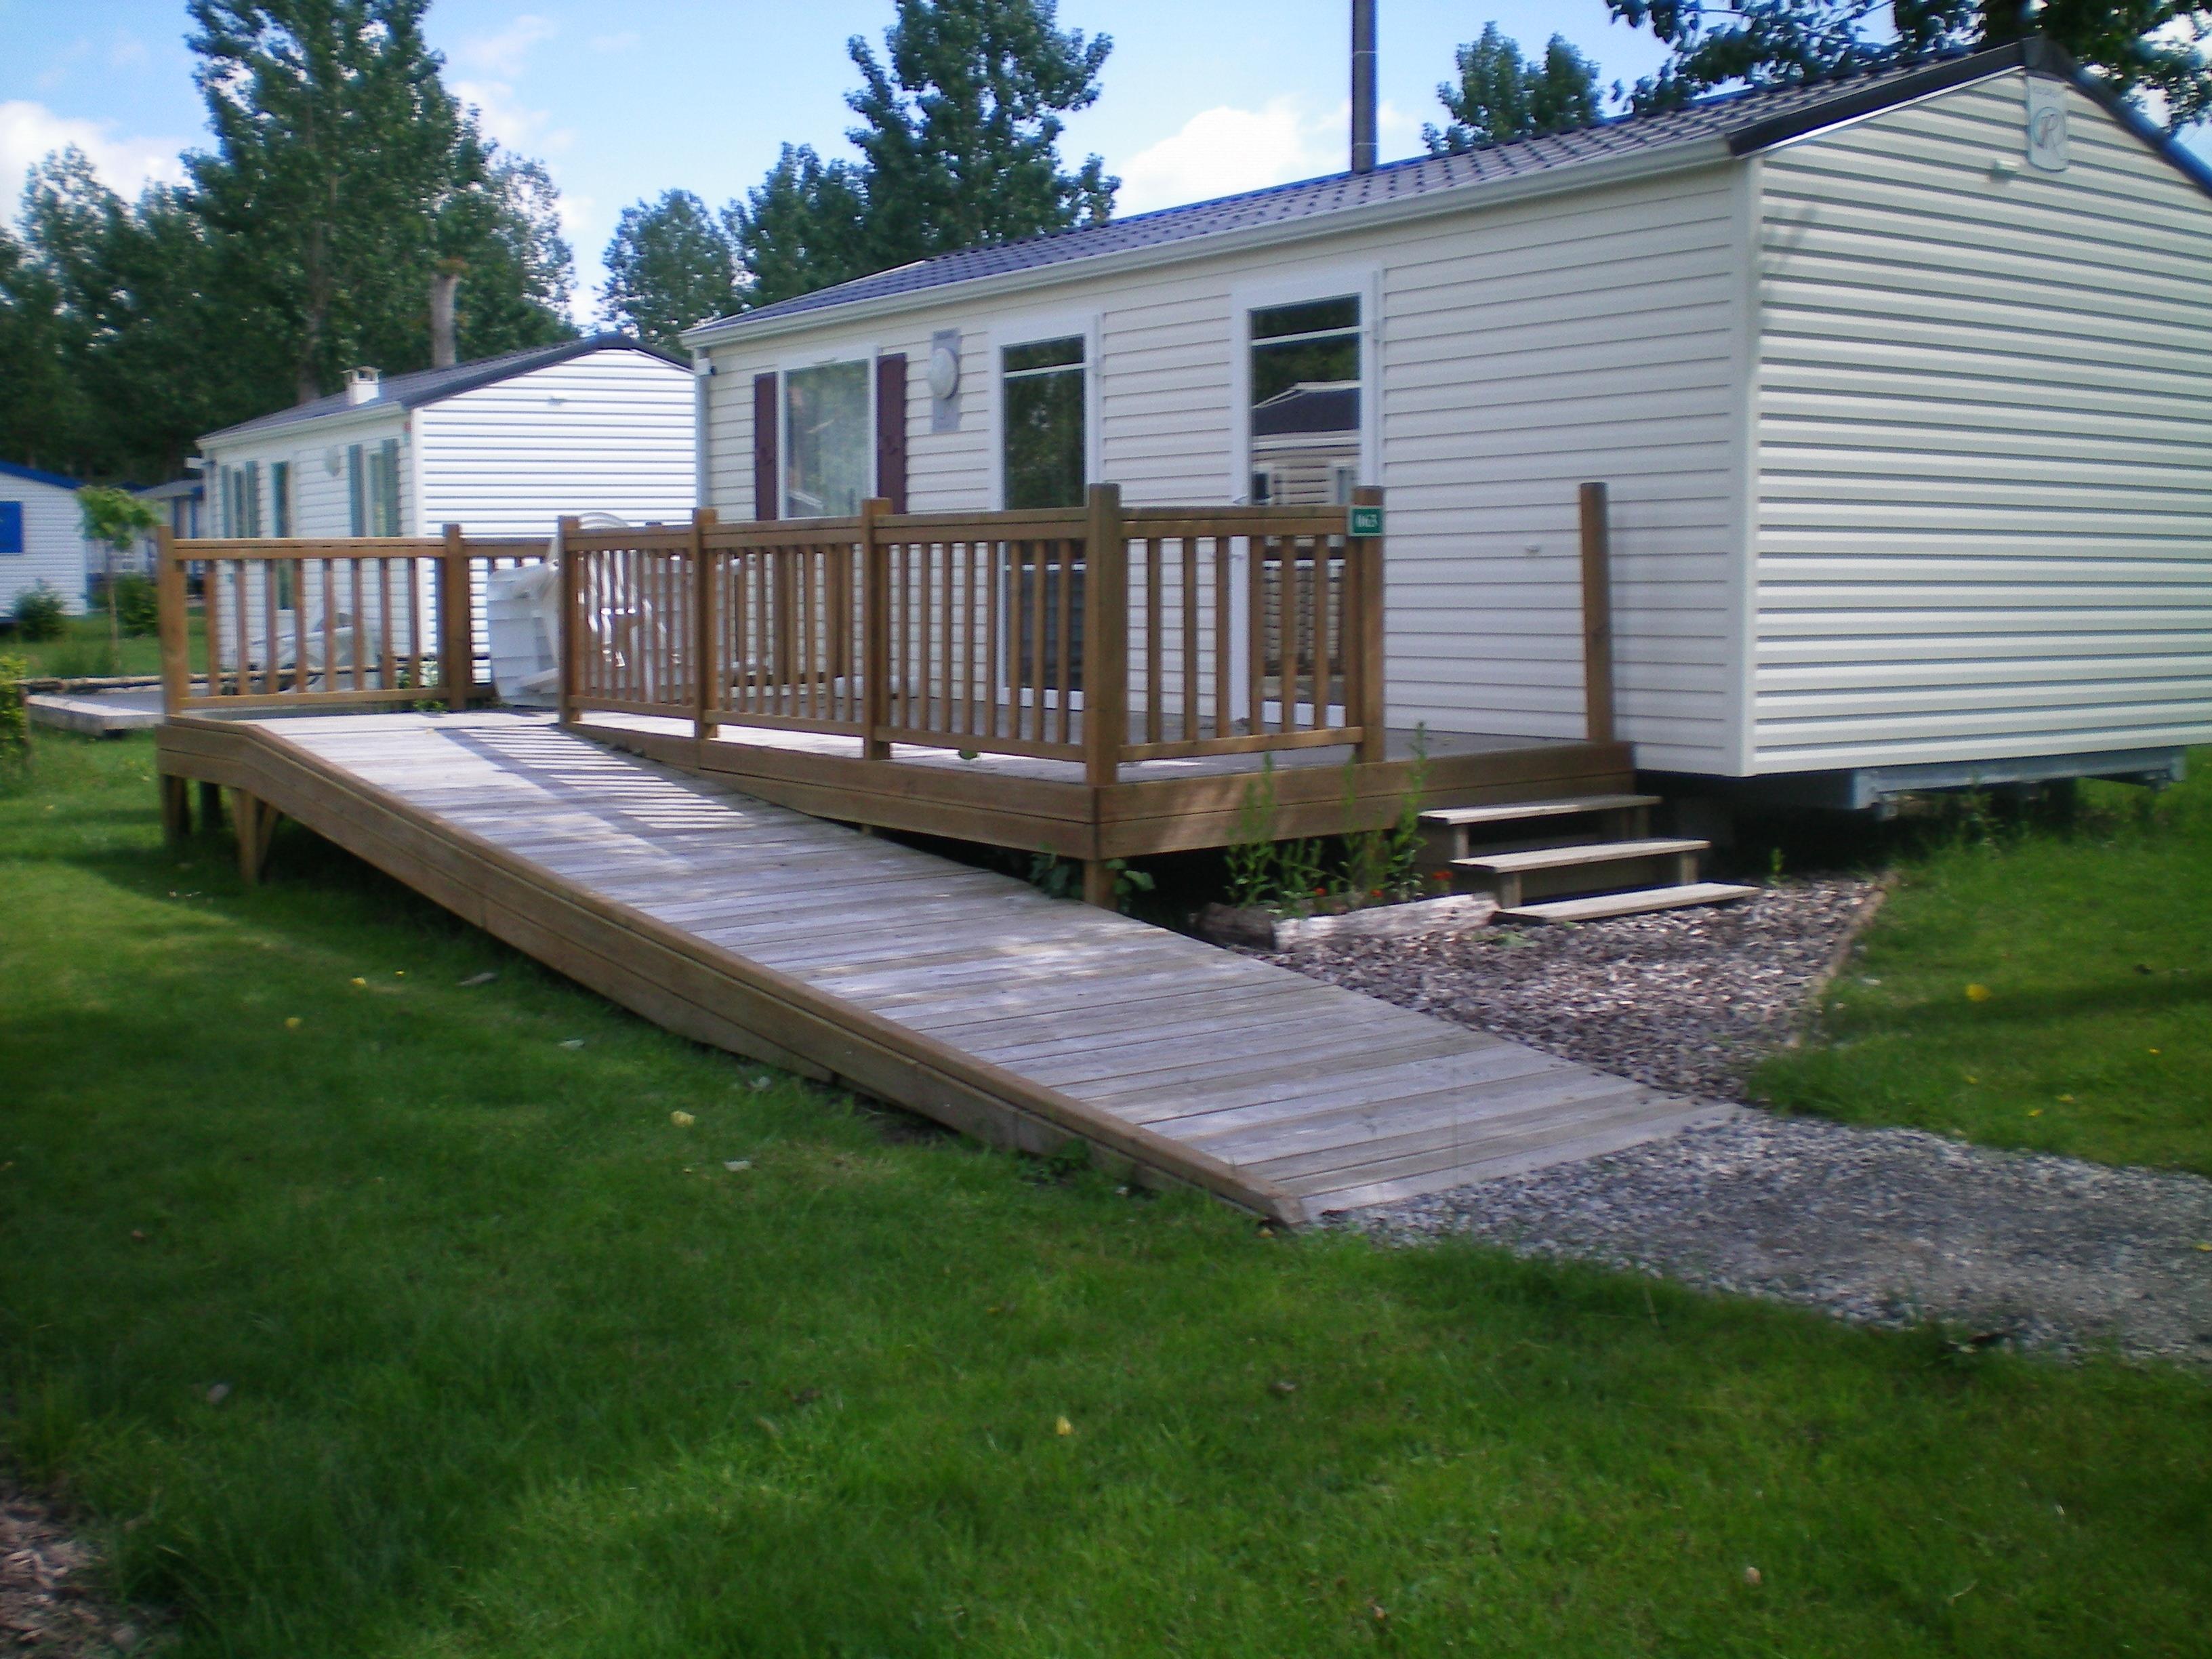 CONFORT+ Mobilhome 2 chambres 31m² - Equipé pour personne à mobilité réduite + terrasse